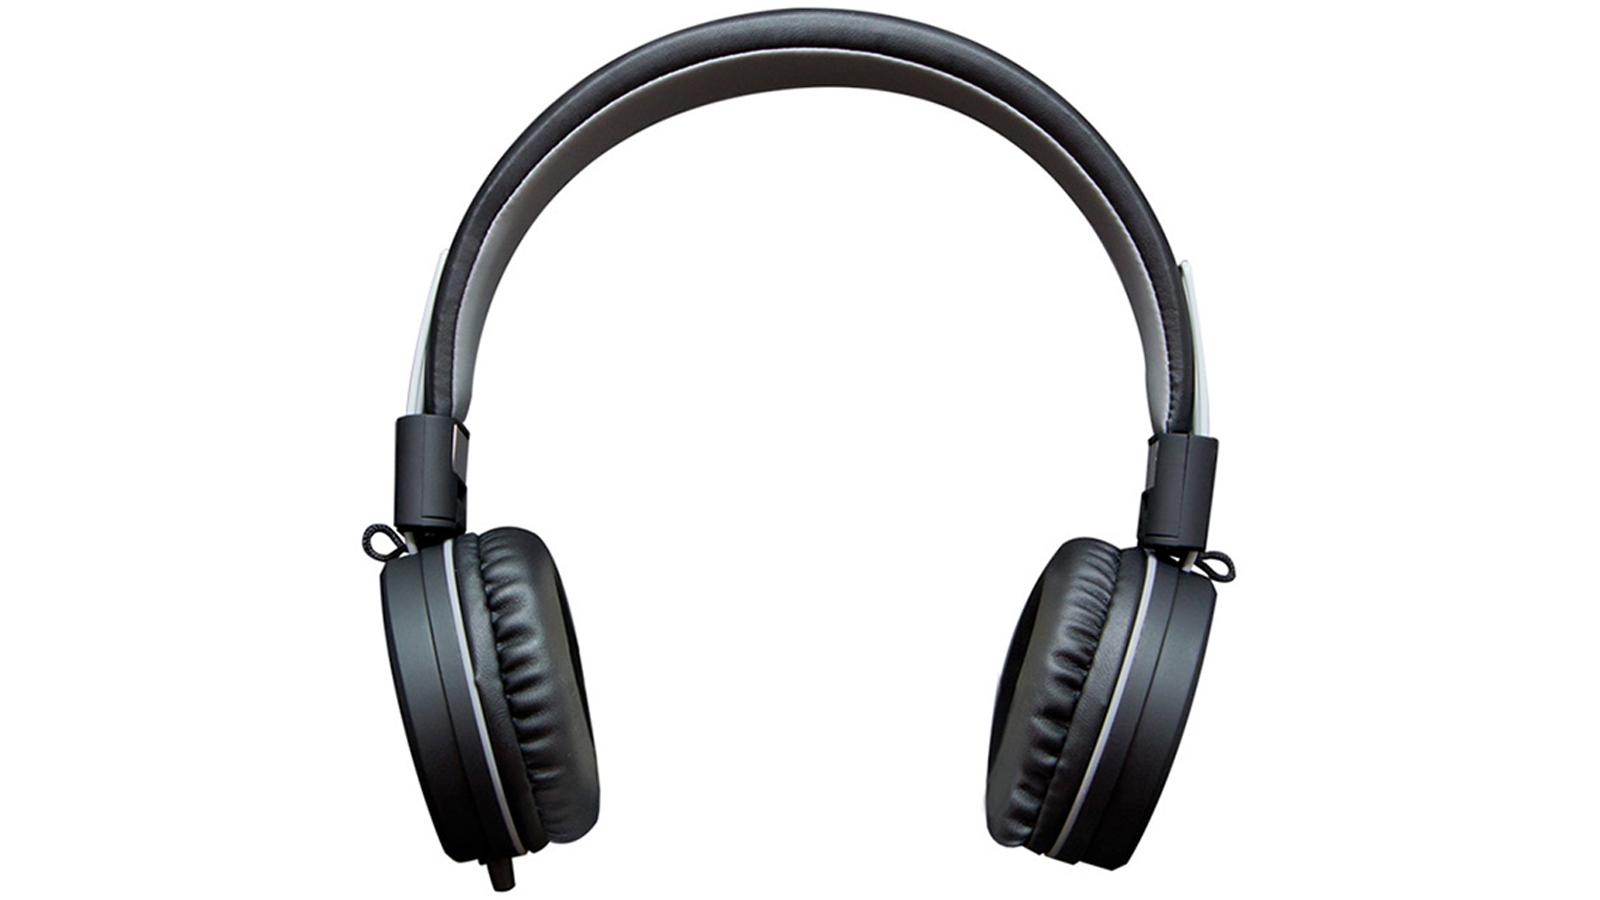 Mark HDJ 5500 Kopfhörer